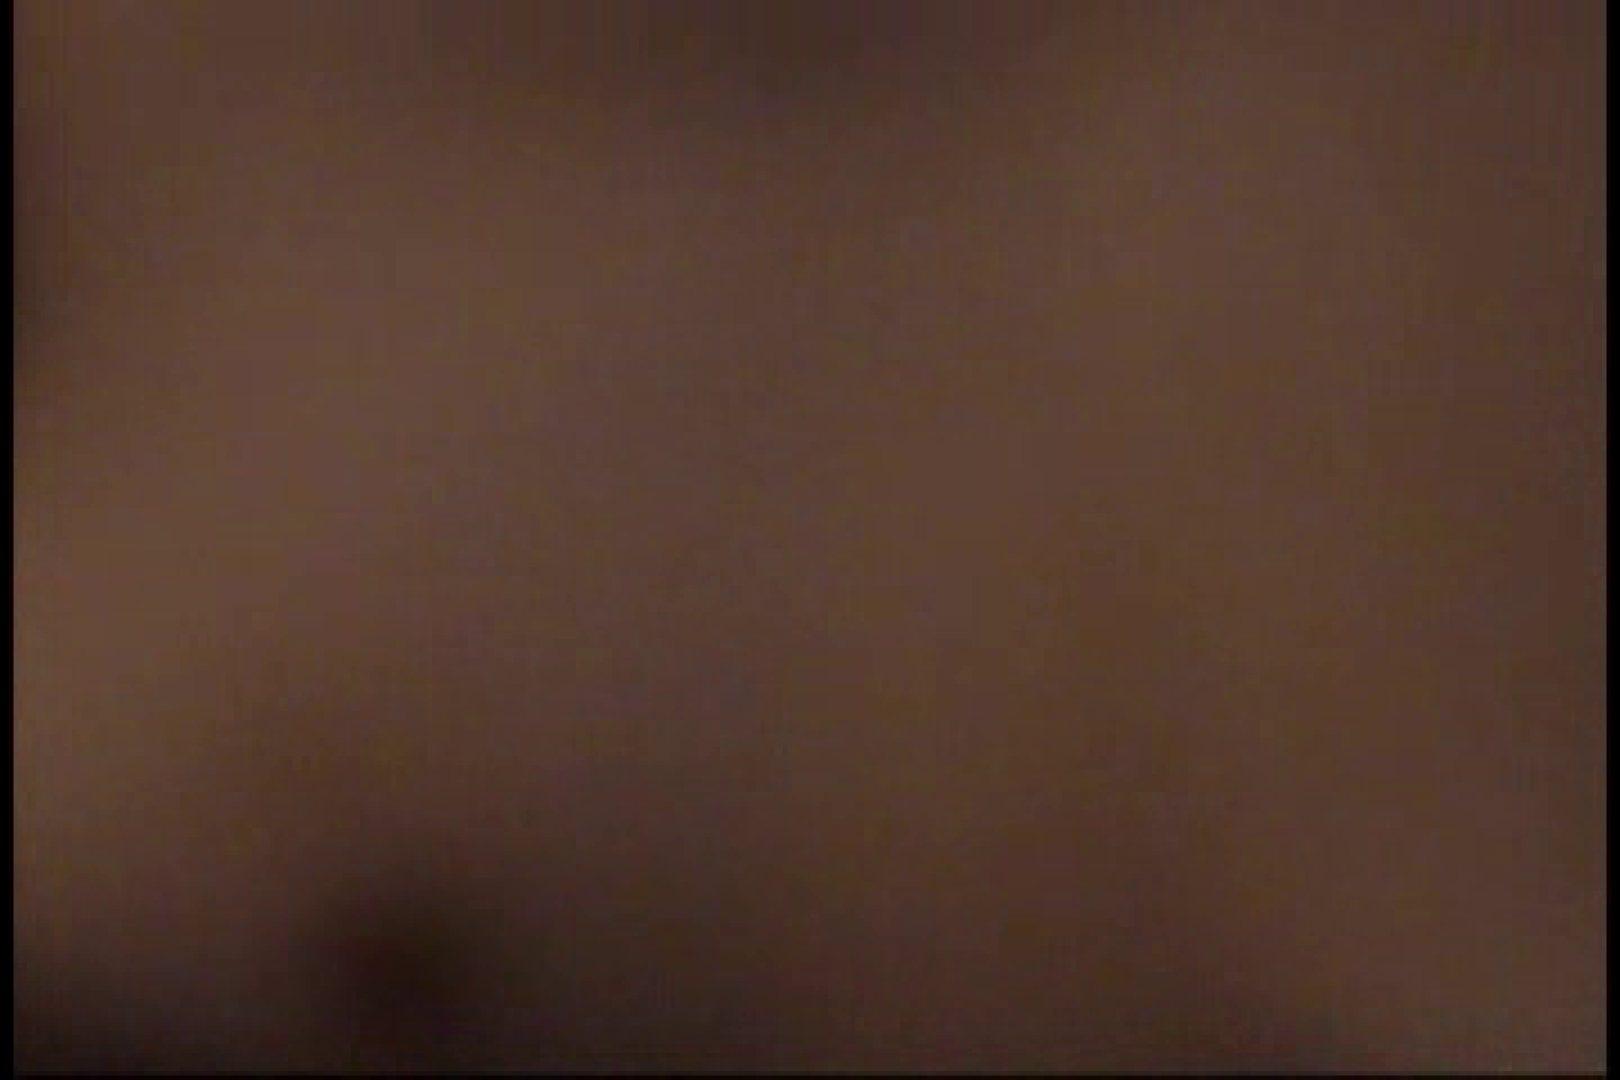 三ツ星シリーズ!!陰間茶屋独占!!第二弾!!イケメン羞恥心File.02 イケメンたち | ゲイのオナニー映像  101枚 81